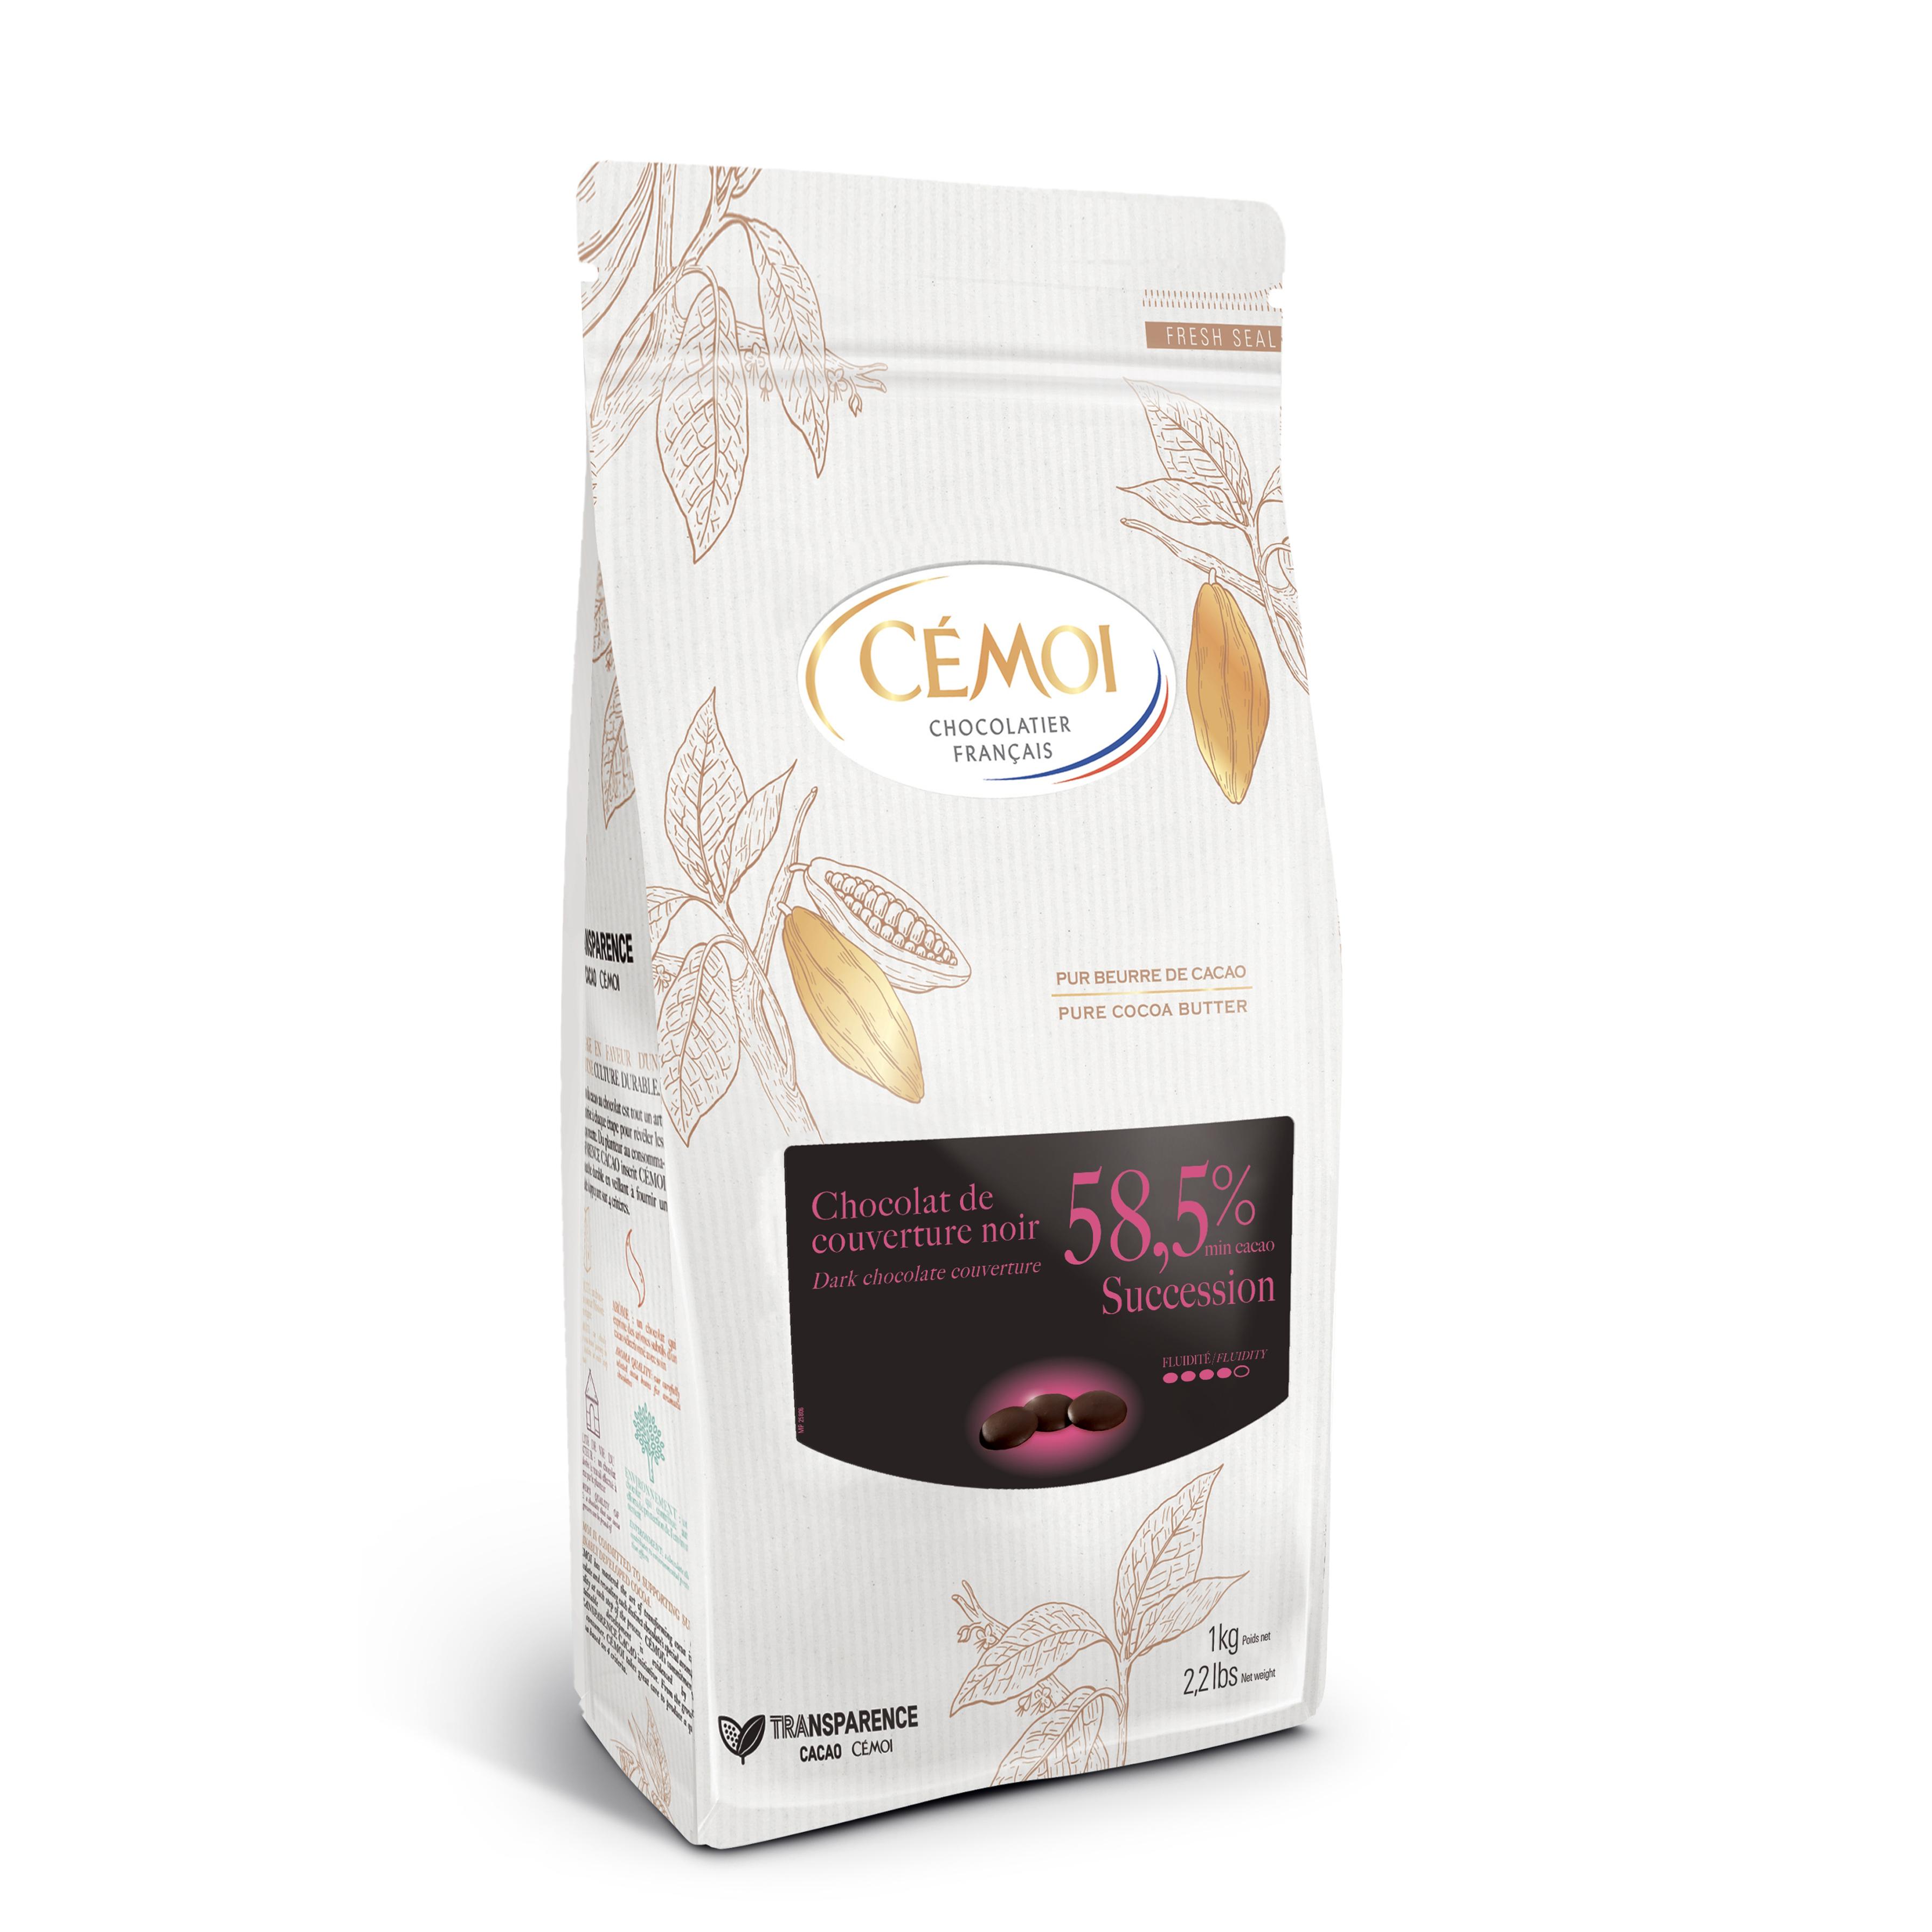 세모아 석세션 다크 커버춰 58.5% 초콜릿, 1kg, 1개